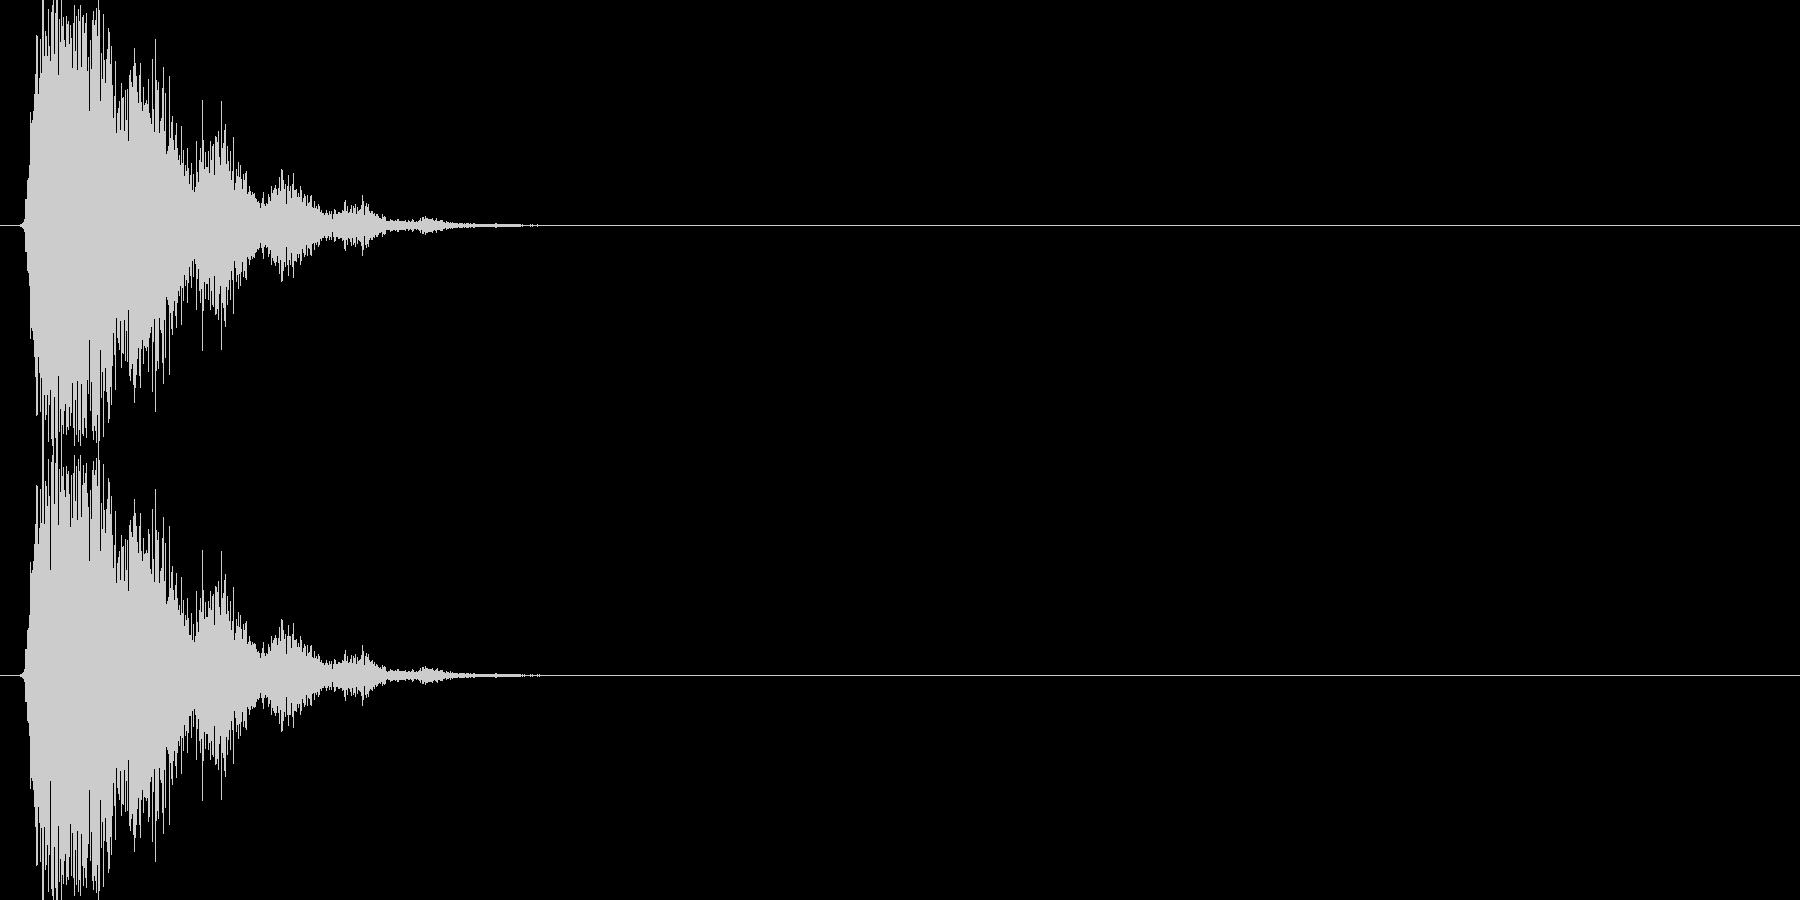 シュバババッ(場面転換、移動)の未再生の波形